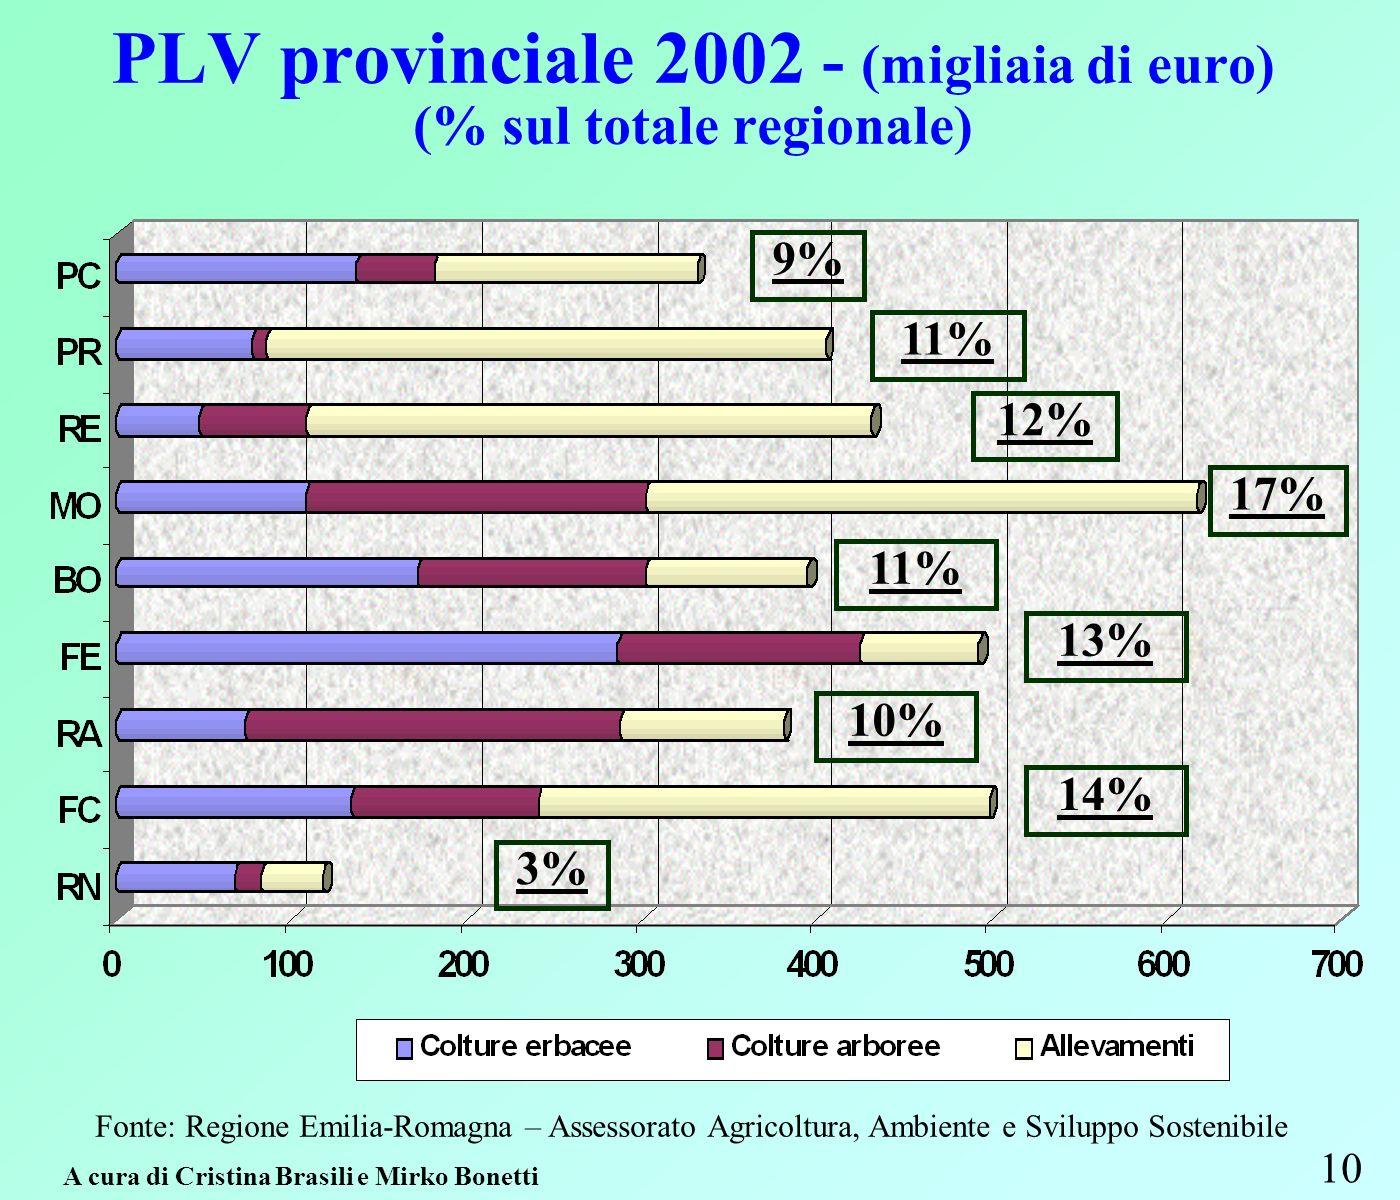 PLV provinciale 2002 - (migliaia di euro) (% sul totale regionale) 10 Fonte: Regione Emilia-Romagna – Assessorato Agricoltura, Ambiente e Sviluppo Sostenibile 9% 12% 17% 11% 13% 10% 14% 3% 11% A cura di Cristina Brasili e Mirko Bonetti